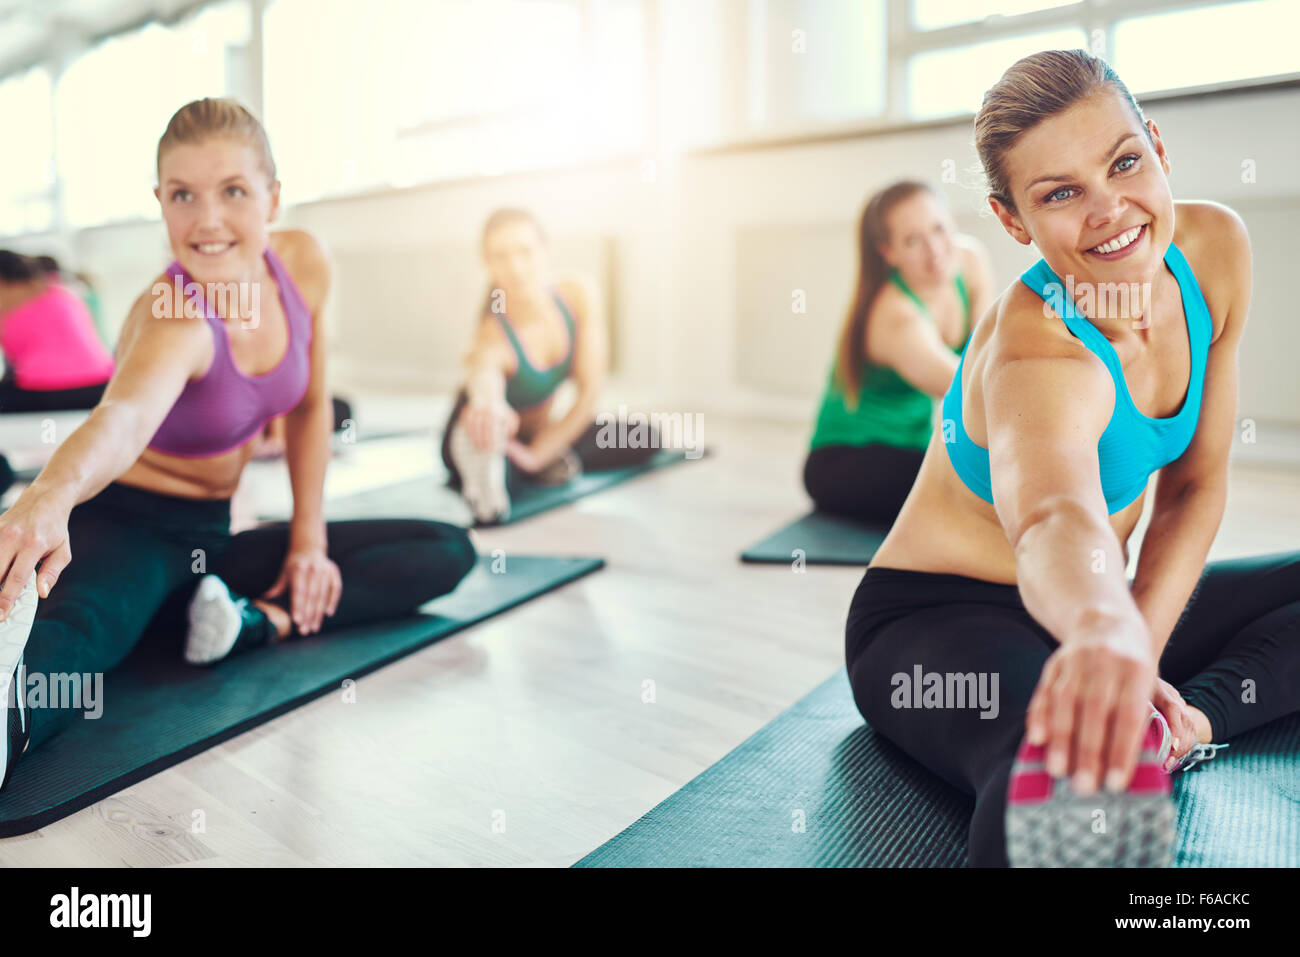 Grupo de mujeres sanas en una clase de fitness, gimnasio, el deporte, la formación, el concepto de aeróbic Imagen De Stock